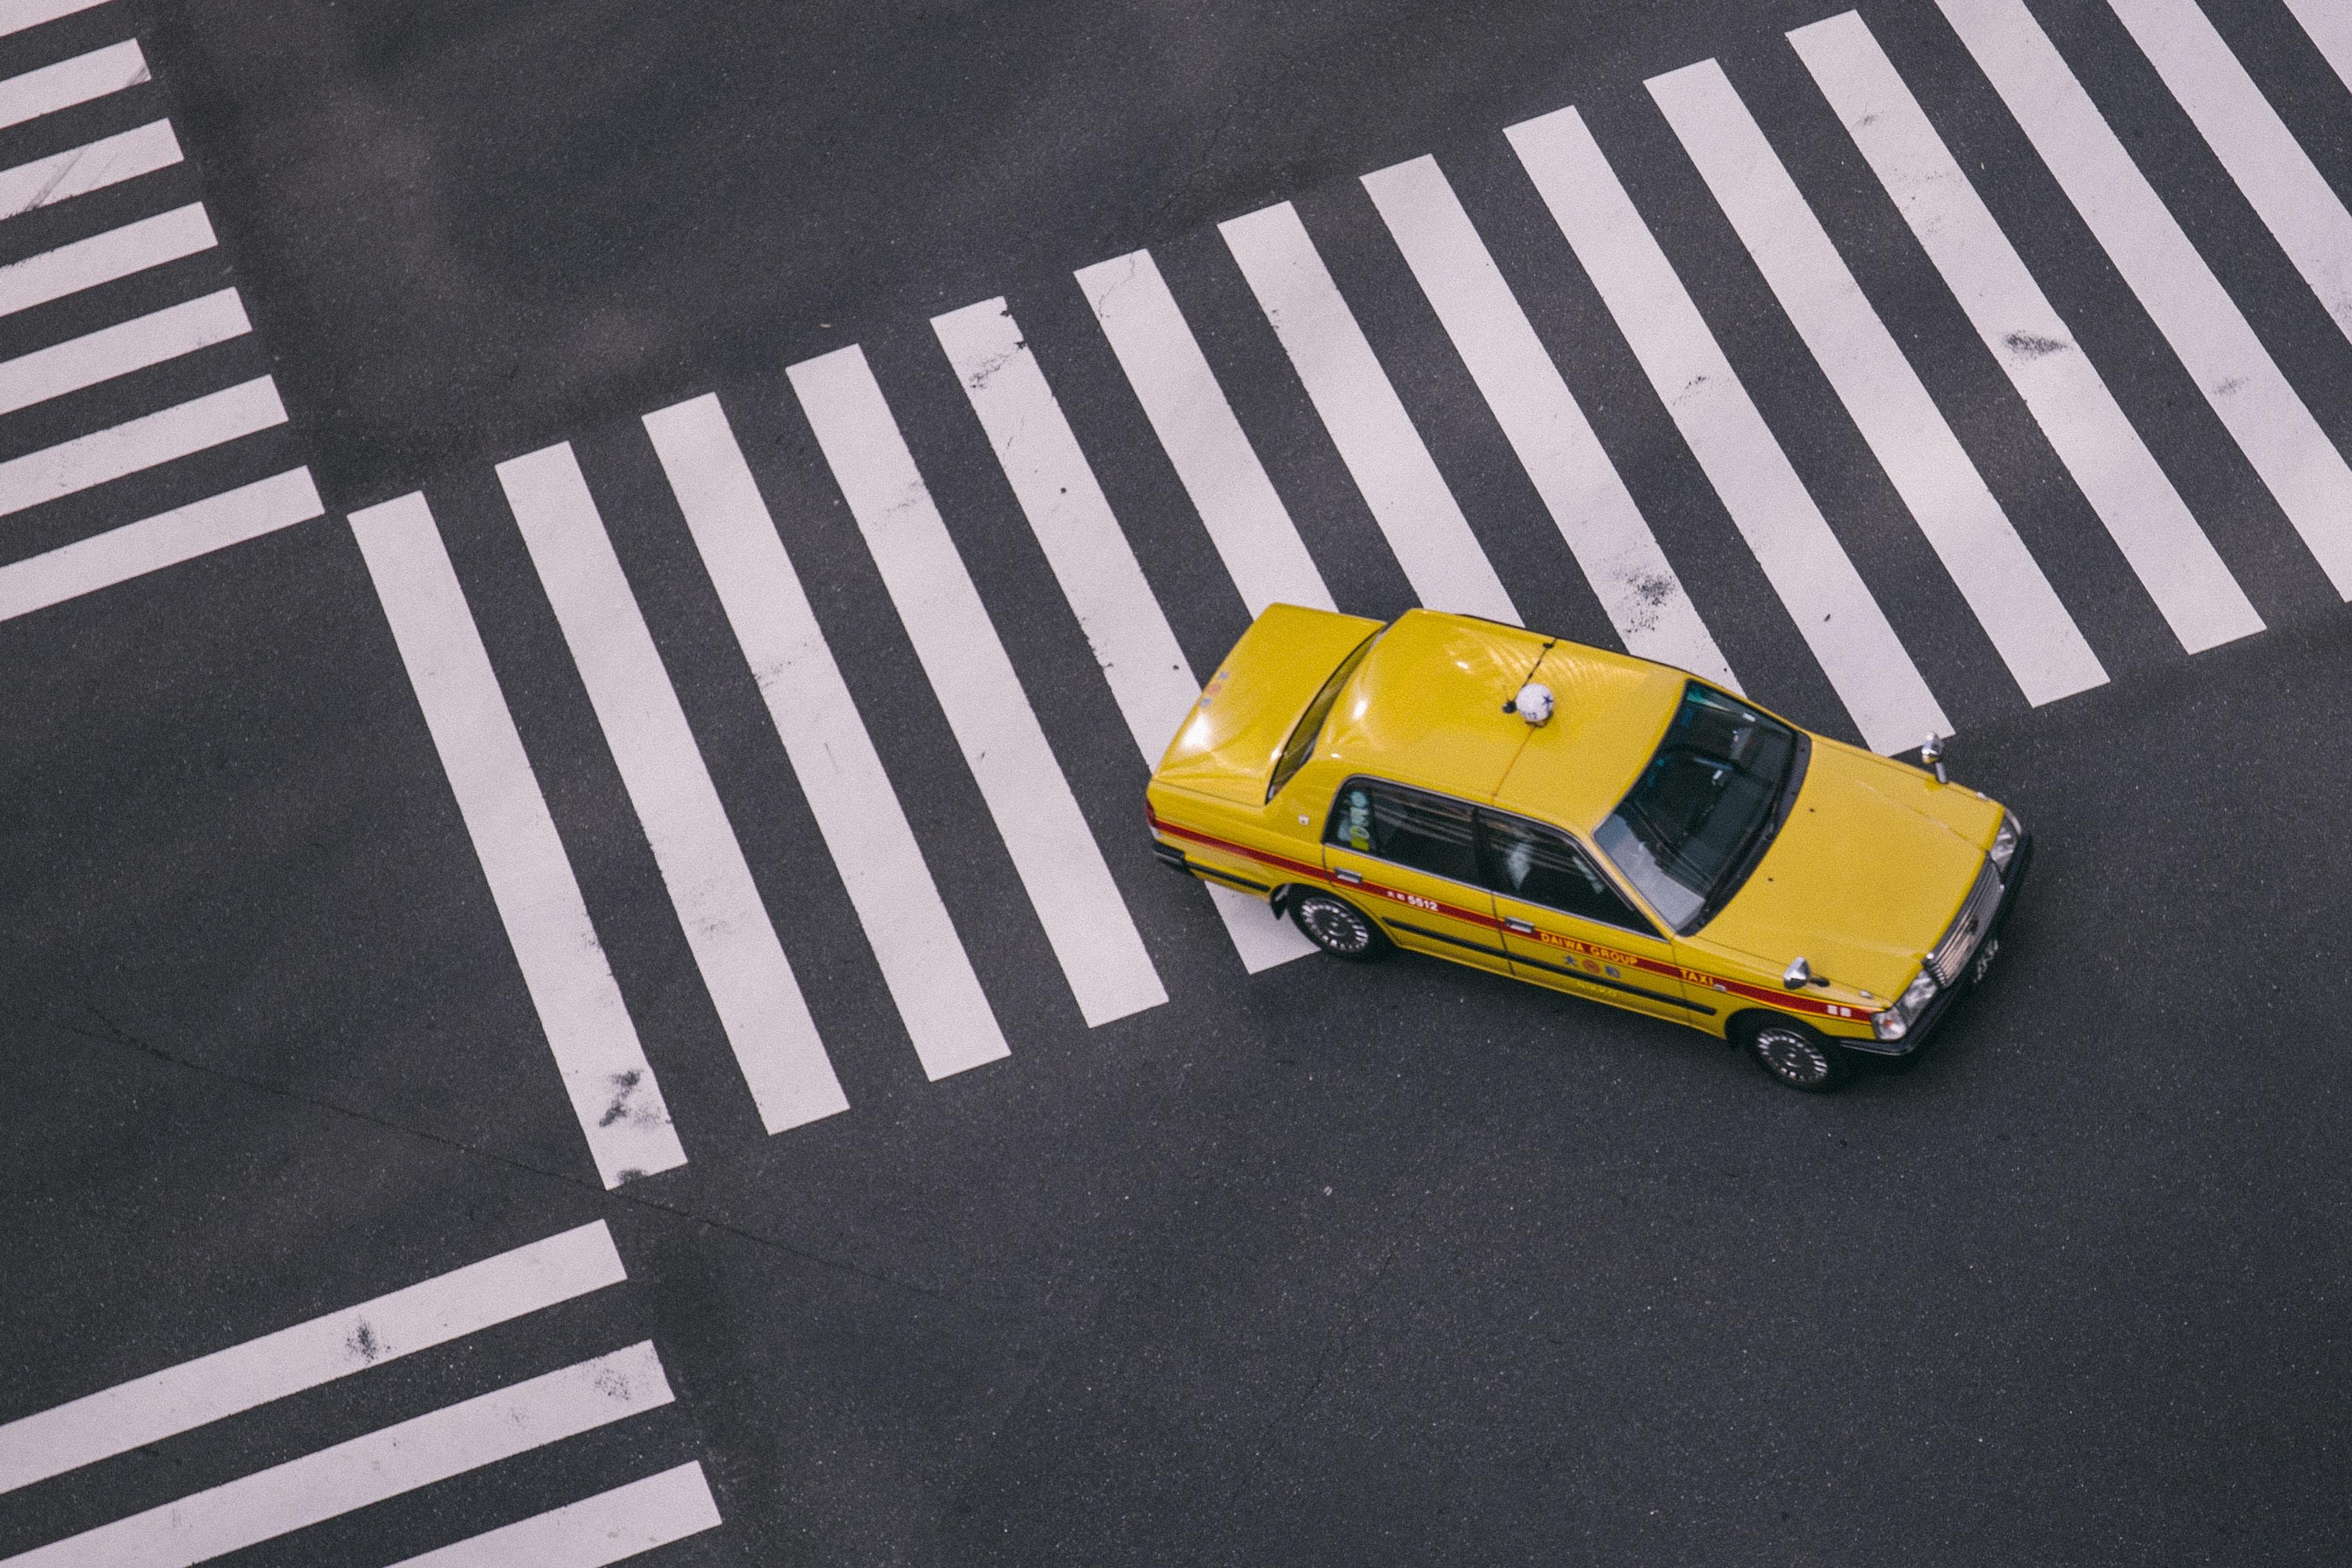 מונית הכסף ההיברידית